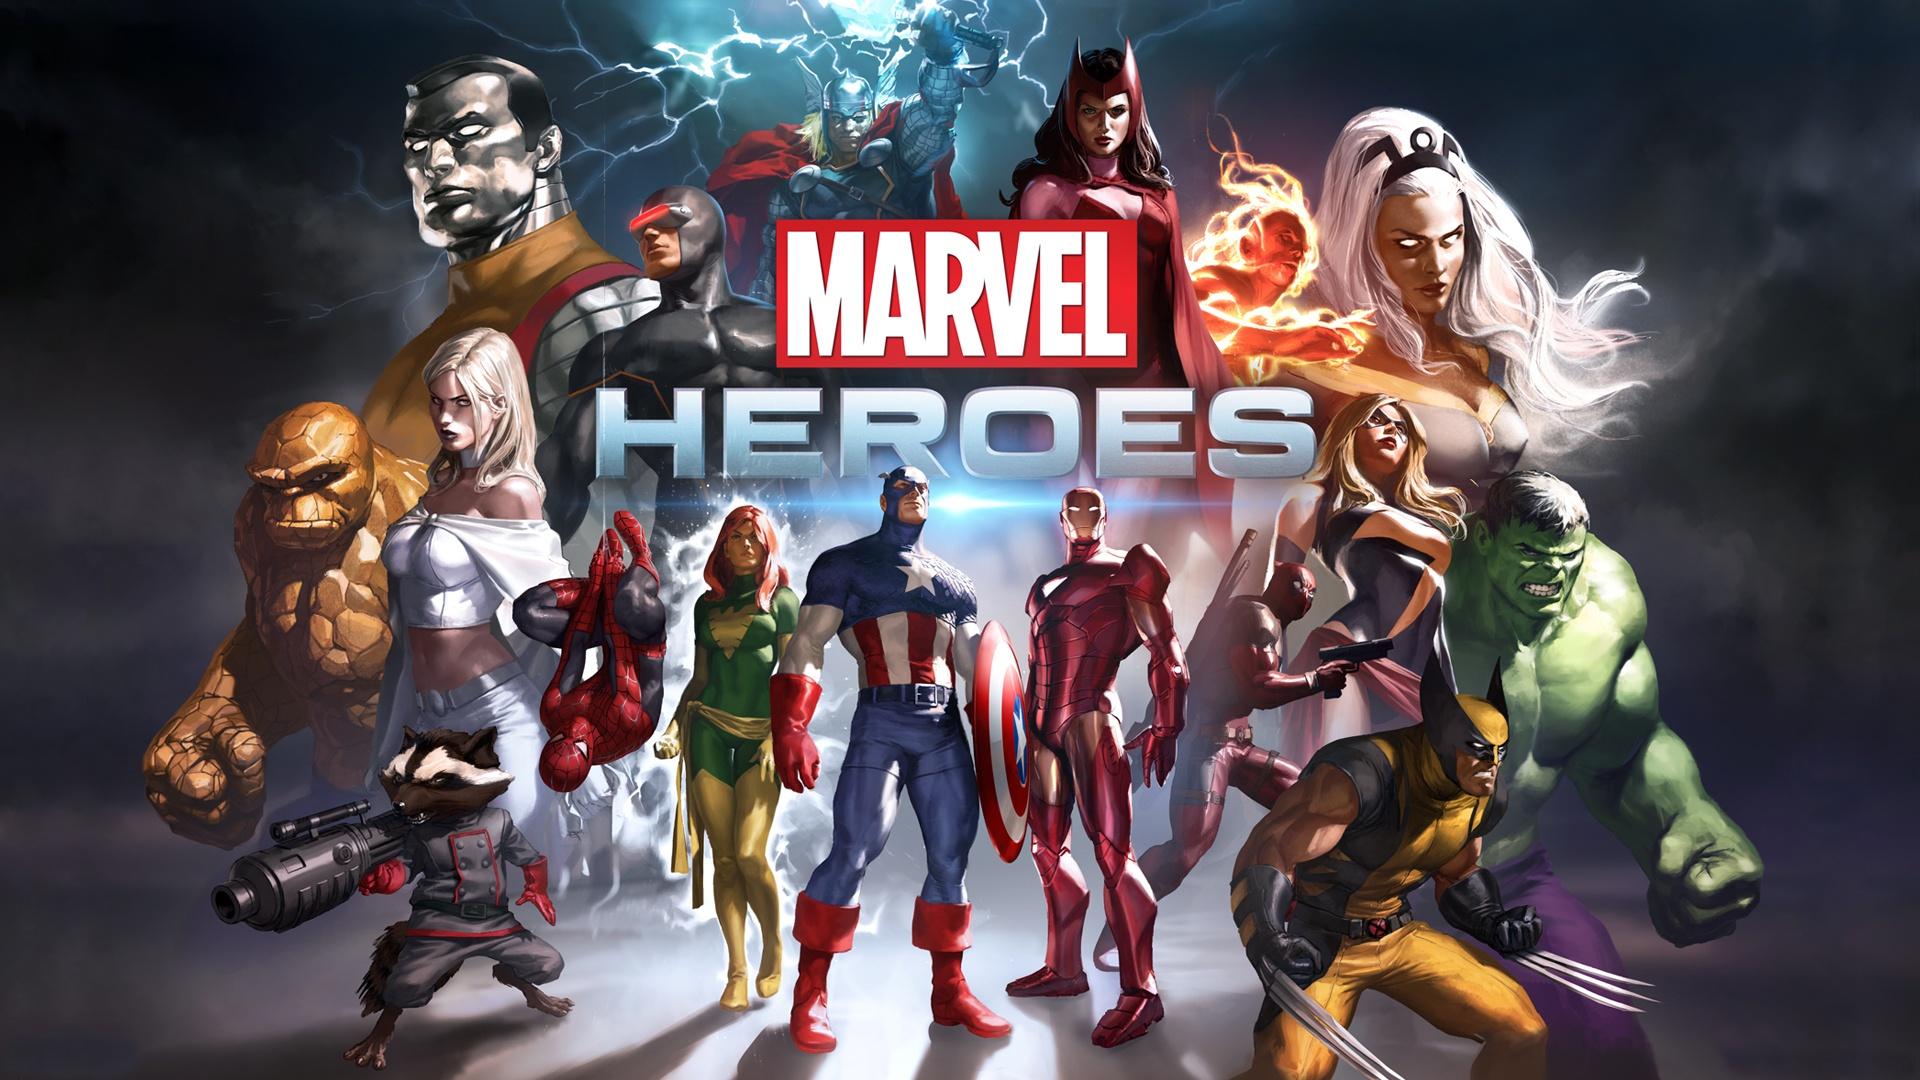 marvel_heroes_game-1920x1080